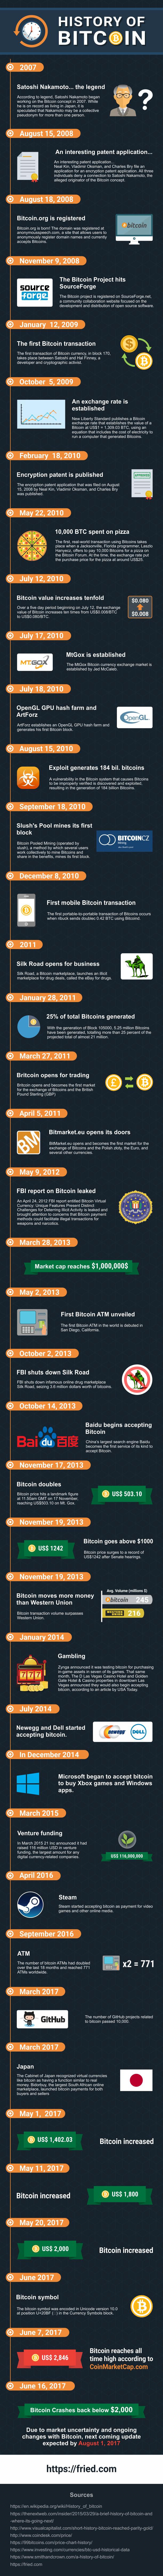 (https://fried.com/history-of-bitcoin)